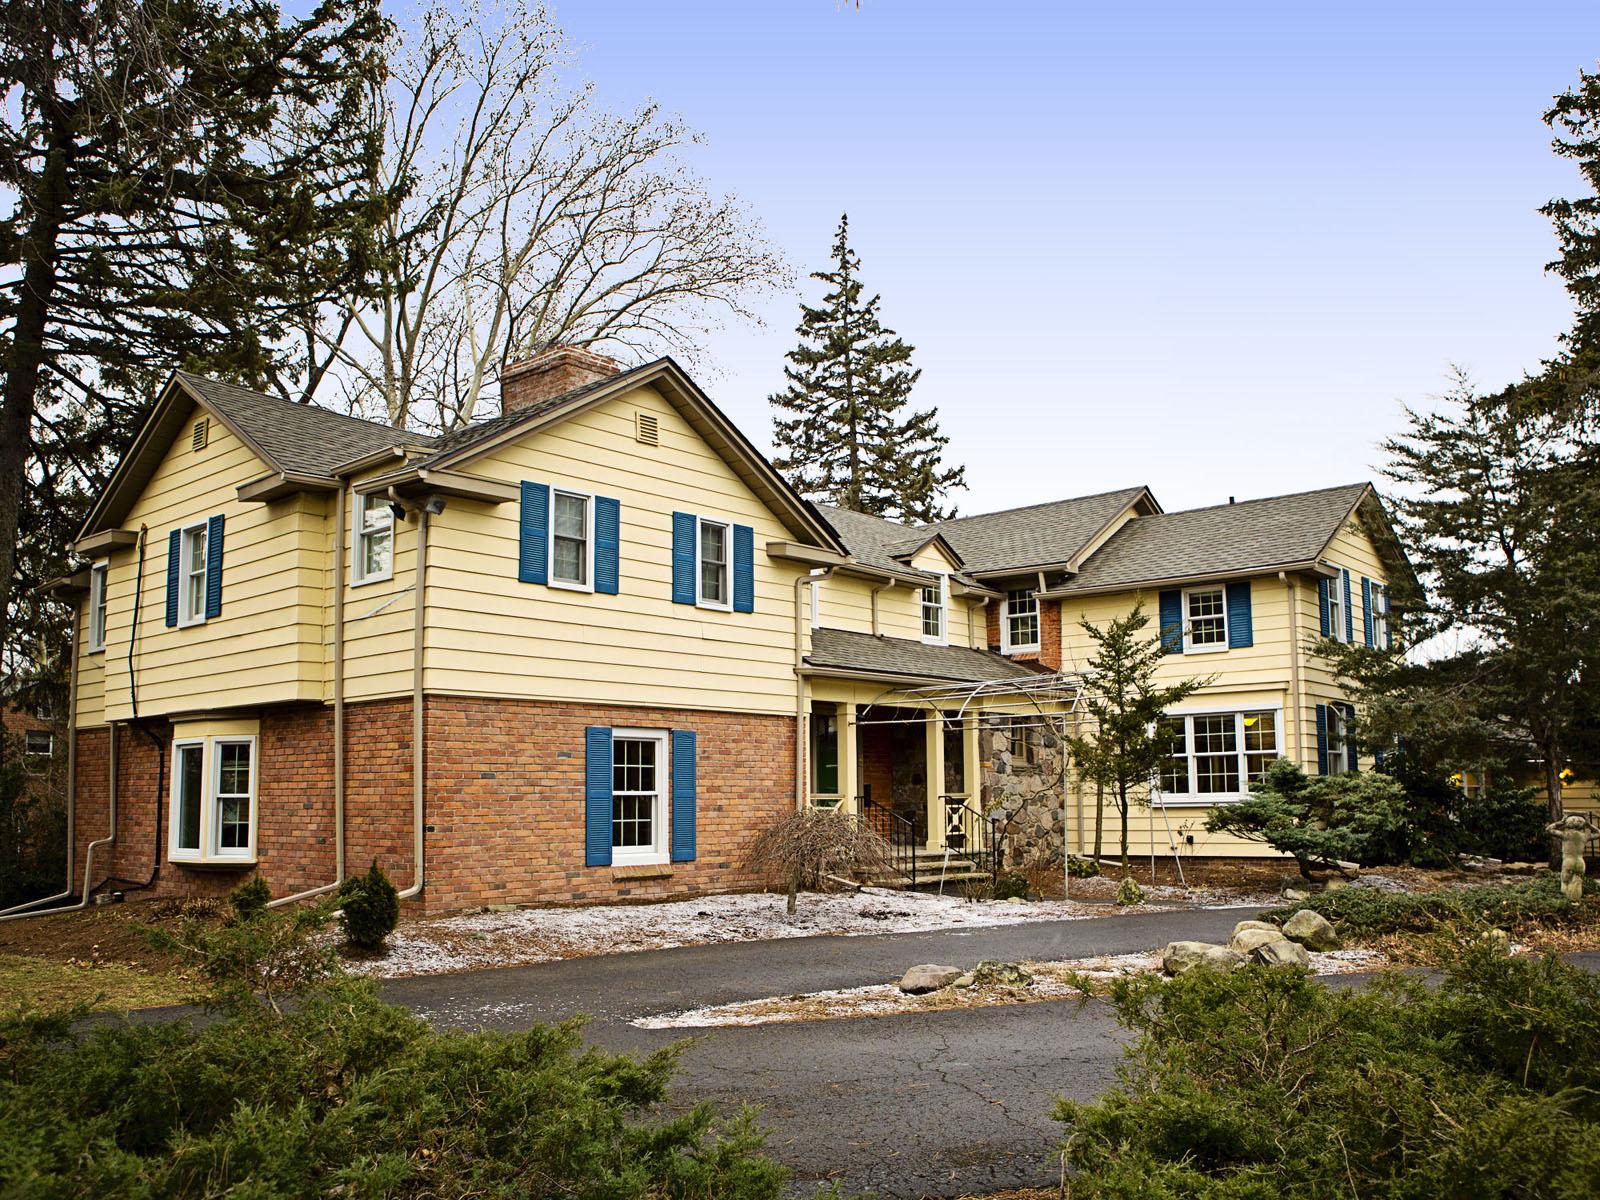 Частный односемейный дом для того Продажа на Dearborn 23251 Cherry Hill Street Dearborn, Мичиган, 48124 Соединенные Штаты